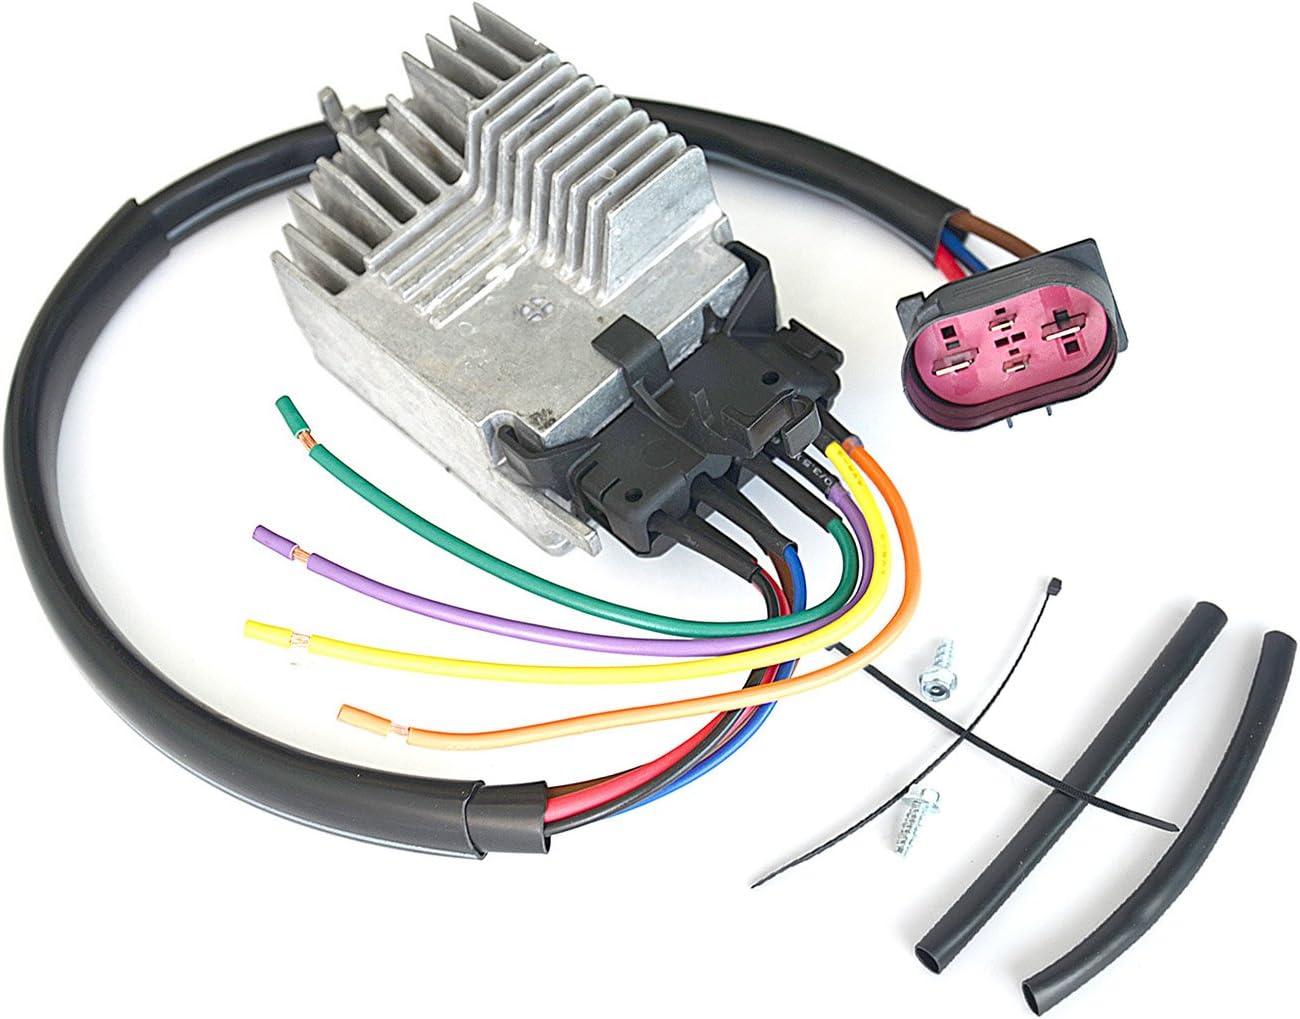 Radiator Fan Control Unit Module Fit For AUDI A4 Quattro A4 A6 Quattro 8E0959501AG 8E0959501AB 8E0959501G 8E0959501K